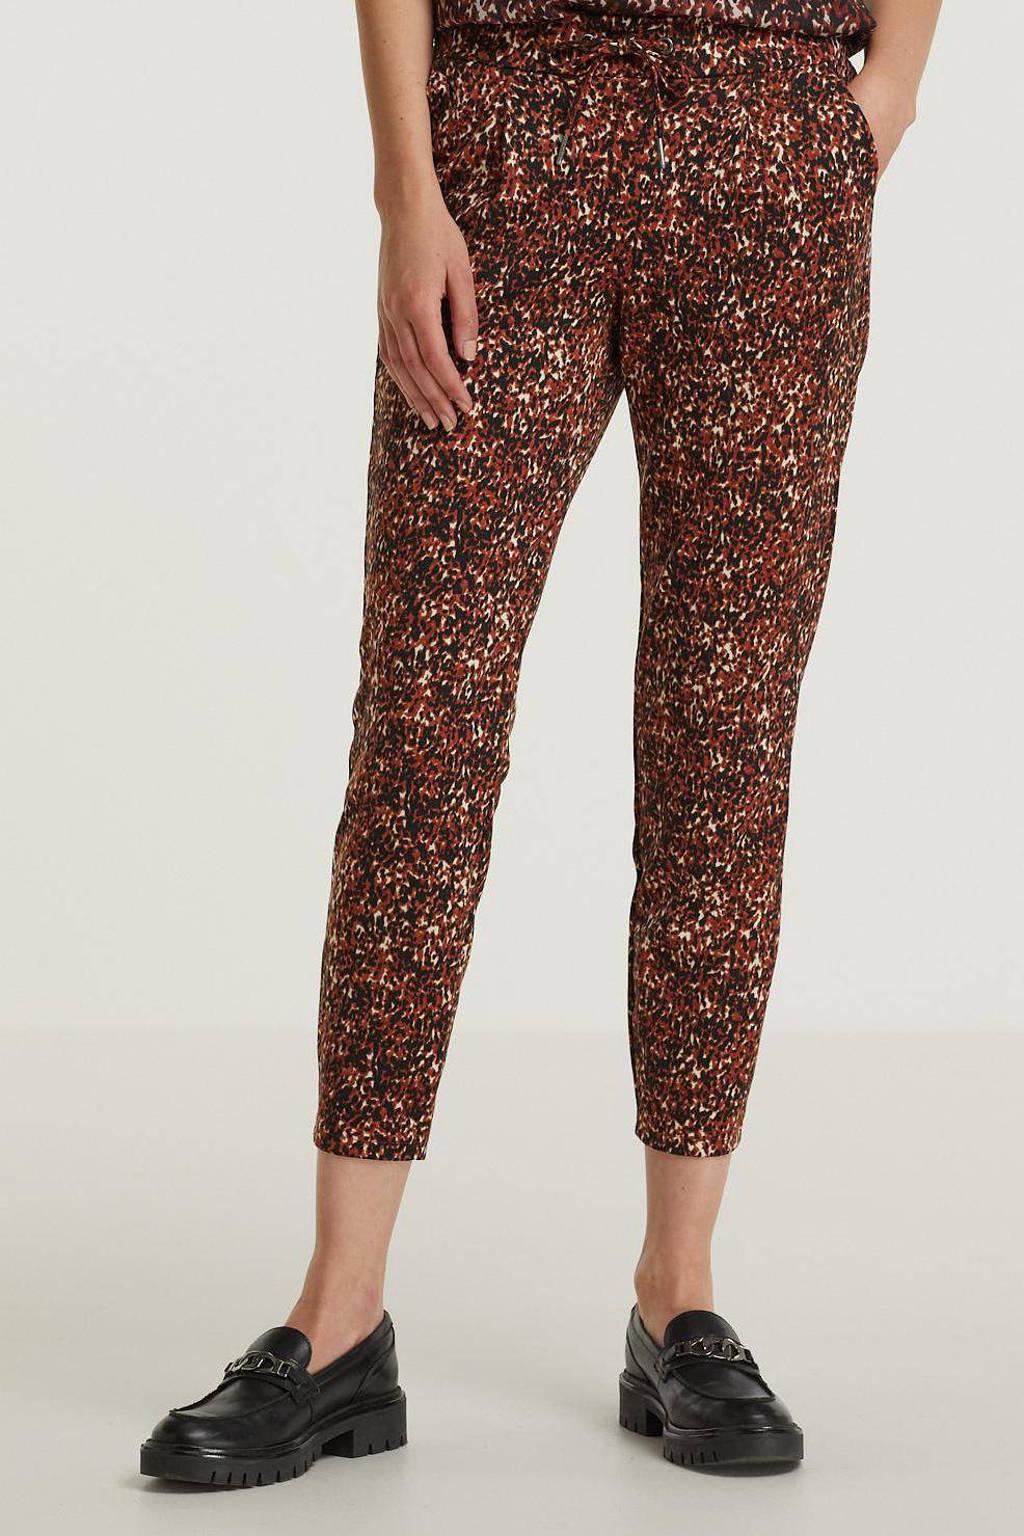 B.Young slim fit joggingbroek Rizetta crop pants - met all over print roodbruin/zwart, Roodbruin/zwart